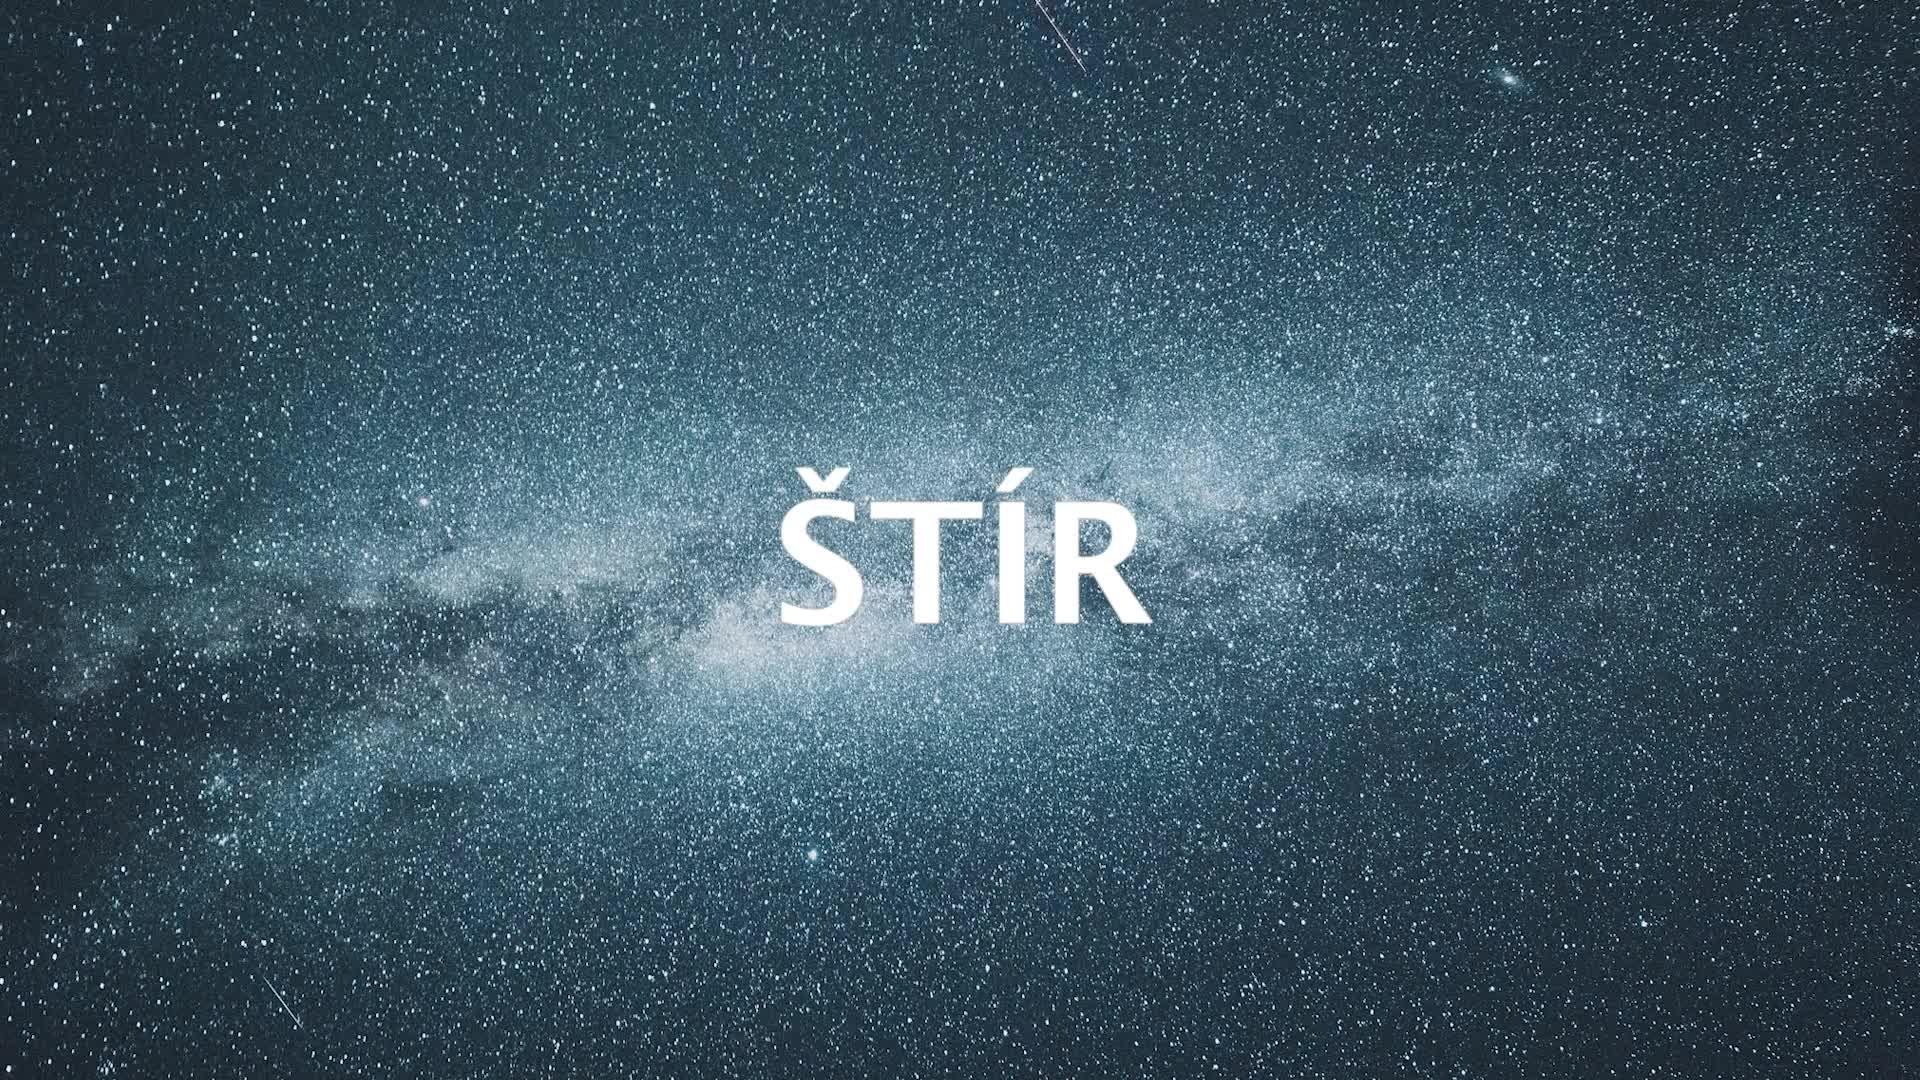 Astroložka Boháčová: Obecná charakteristika znamení - Štír